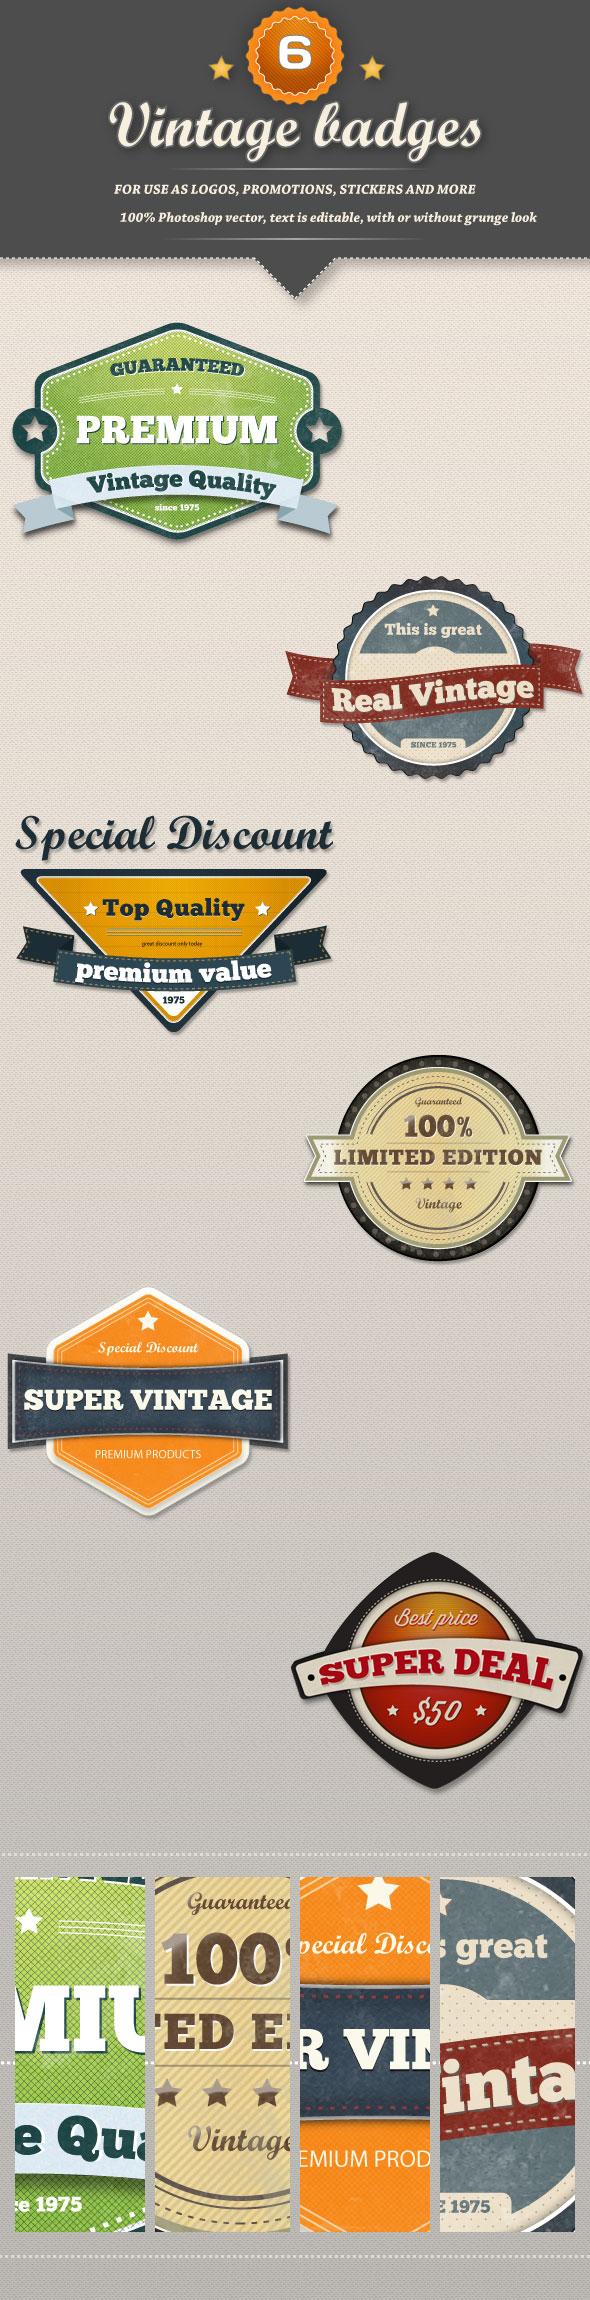 6 Retro Vintage Badges by frankschrijvers